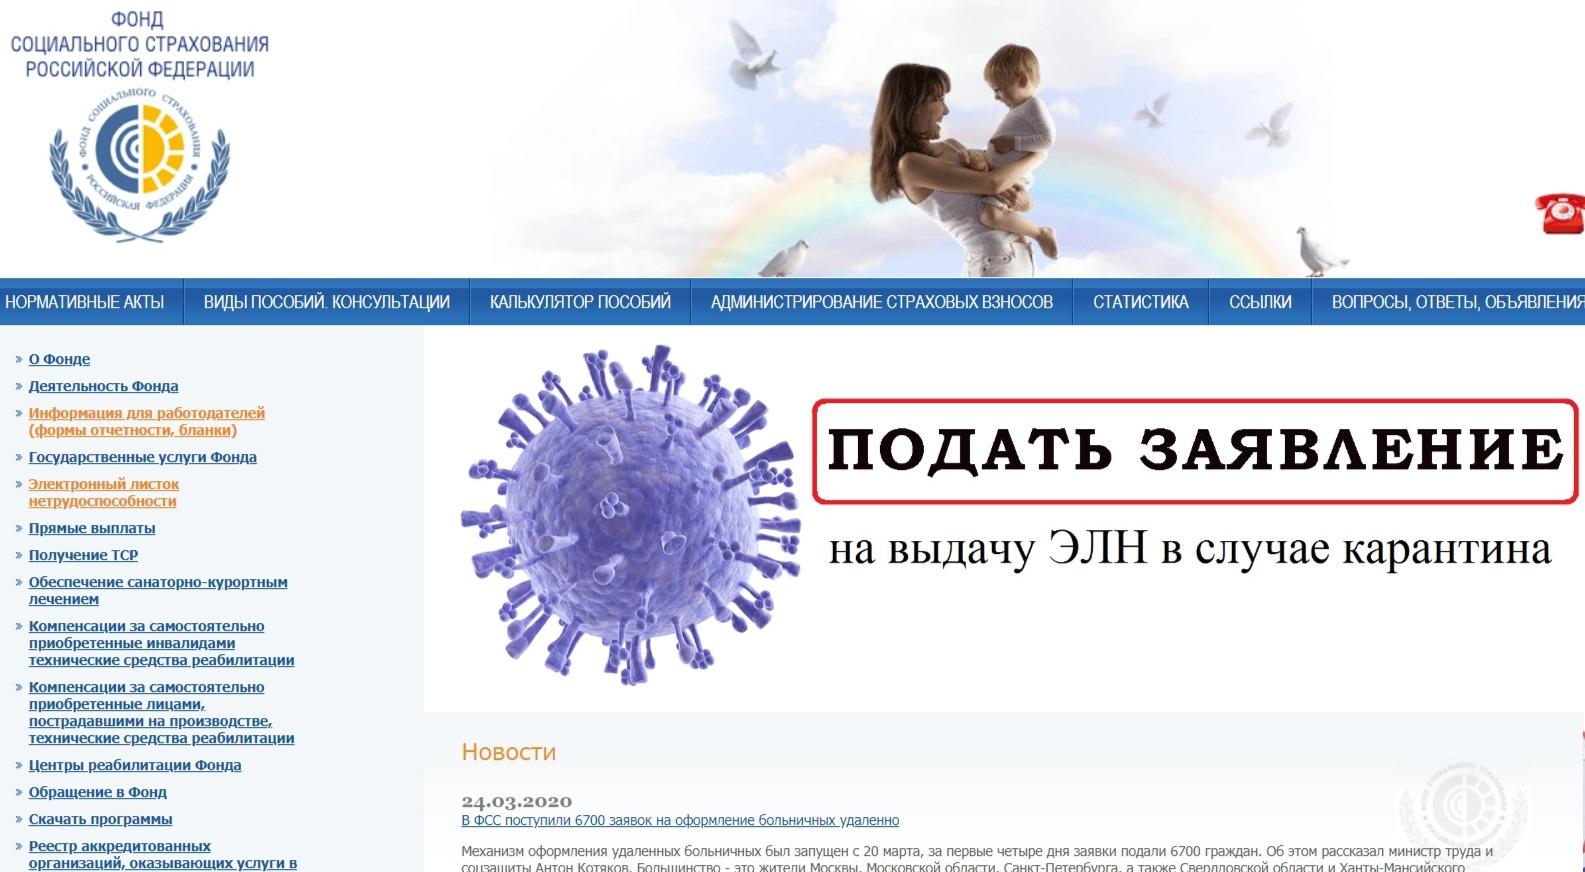 Ярославцы смогут уйти на карантин по коронавирусу, не выходя из дома: как оформить электронный больничный